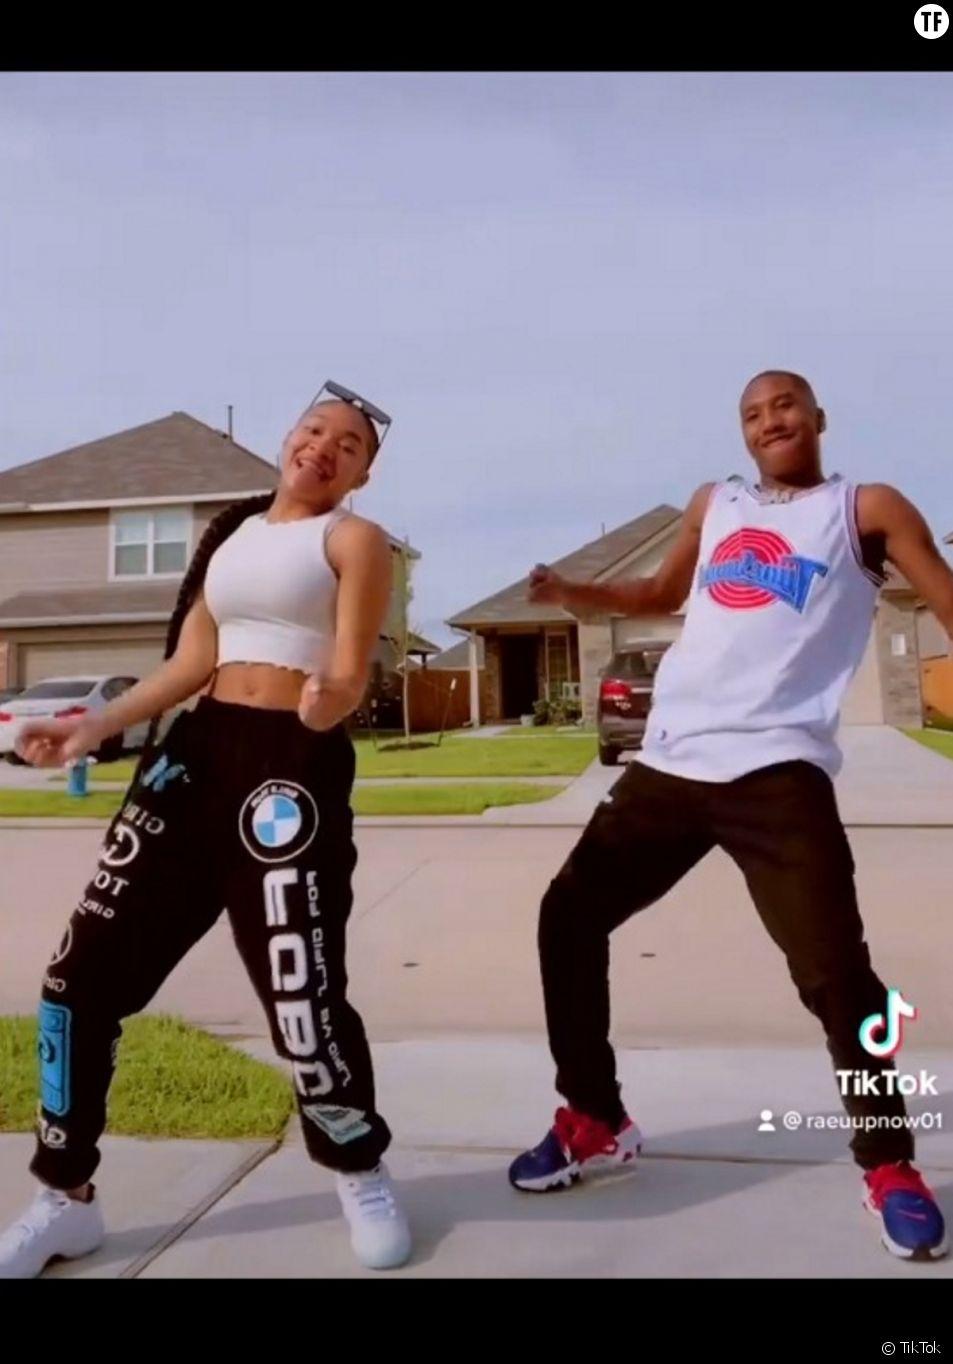 La danseuse afroaméricaine Mya Nicole (@theemyanicole) sur TikTok.